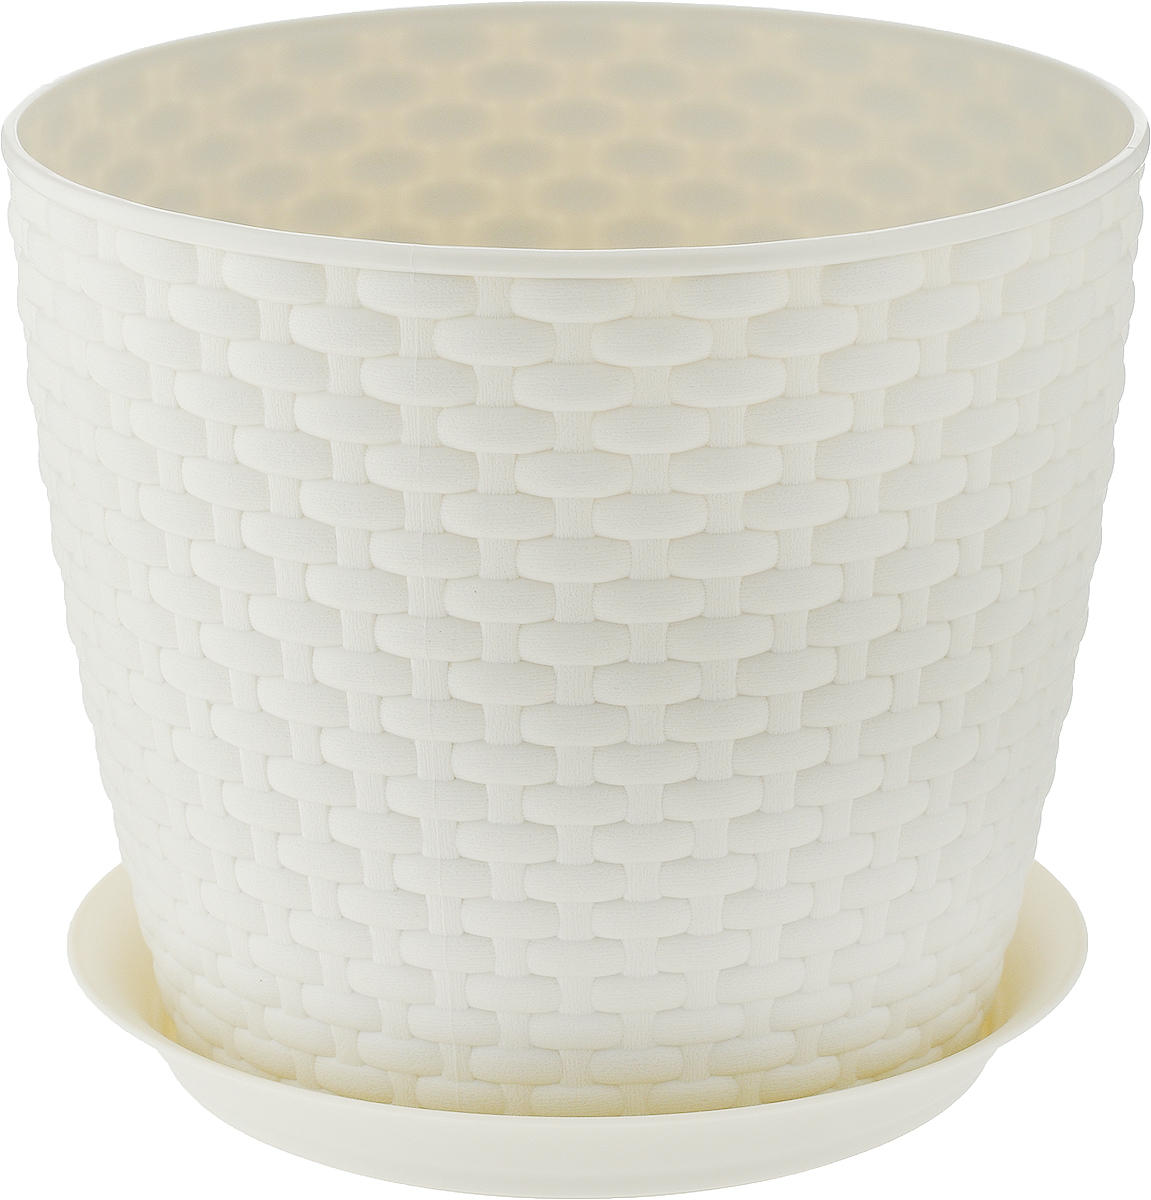 Кашпо Idea Ротанг, с поддоном, цвет: слоновая кость, 4,7 л кашпо idea верона с подставкой цвет белый диаметр 18 см